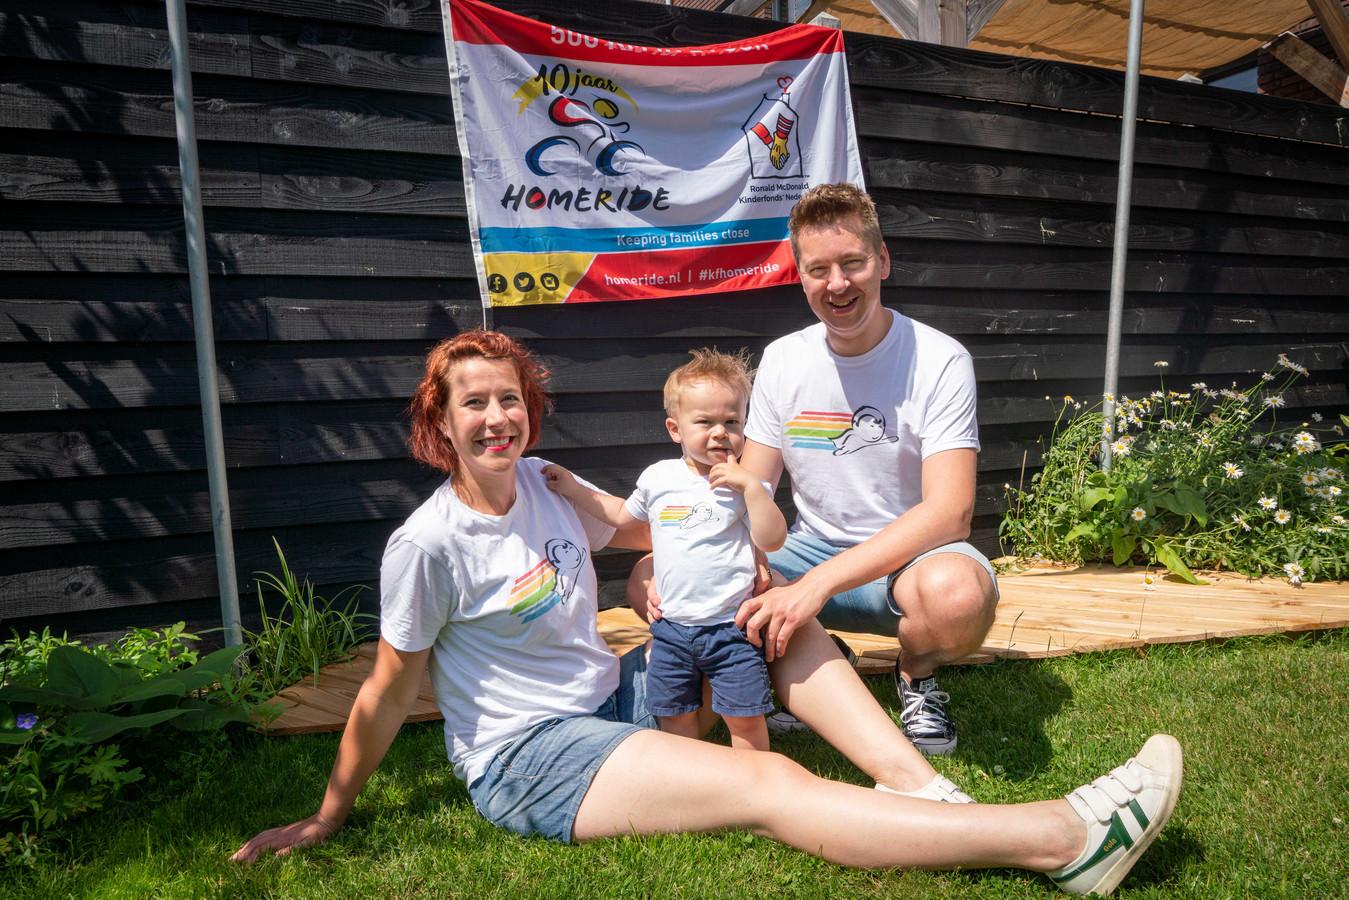 Janneke Jegen en Jac Duyf met hun zoontje Casper in shirts van Team Ralf, met het logo dat door Duyf is ontworpen.